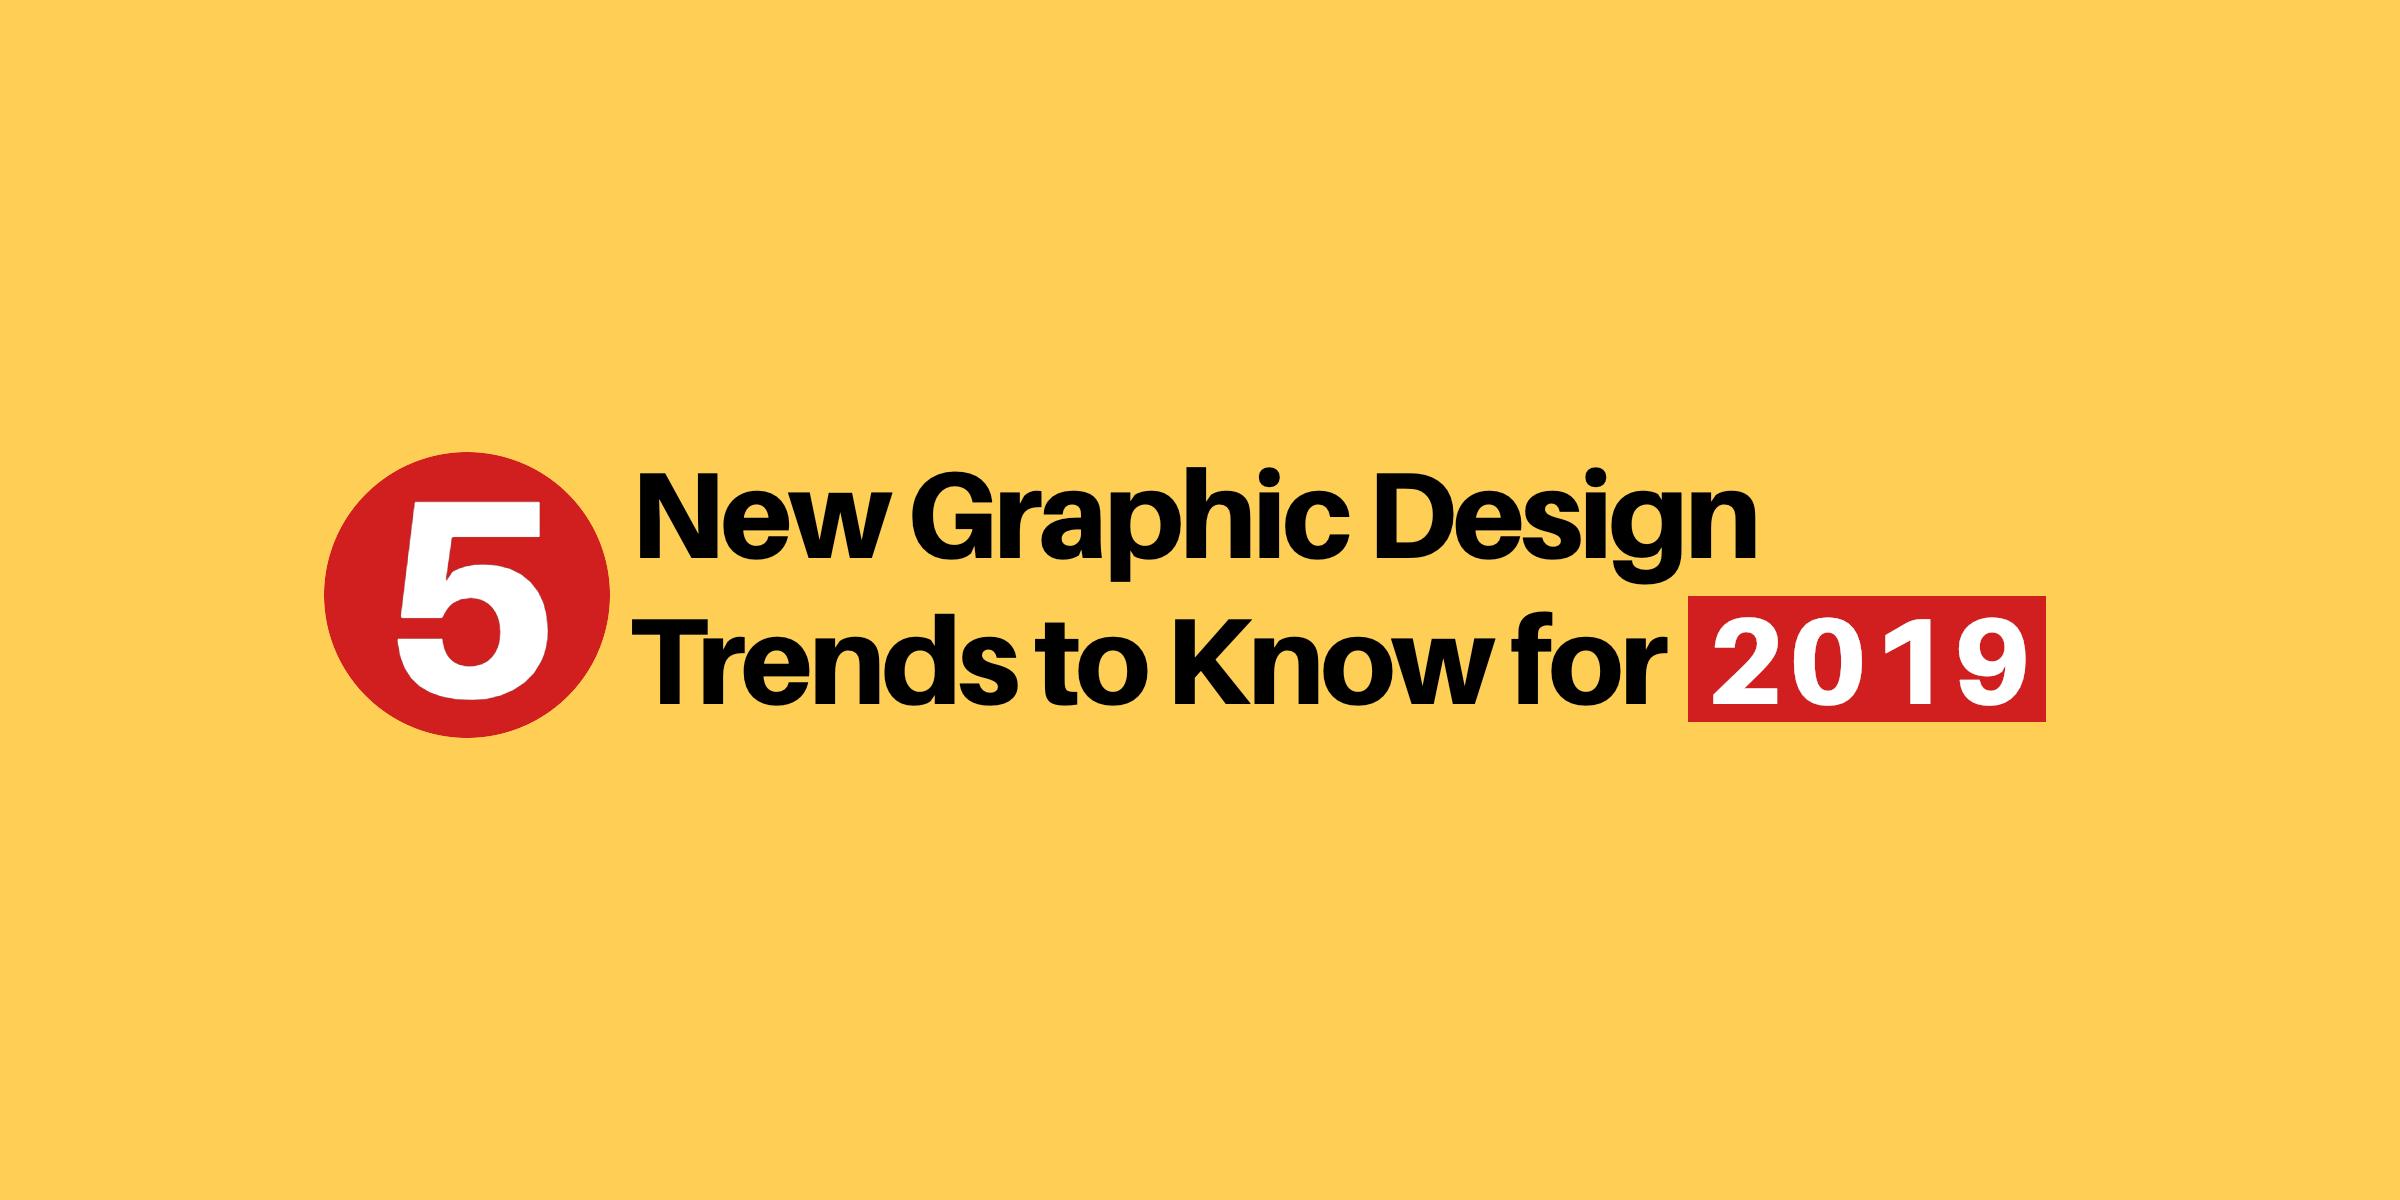 graphic design trends 2019